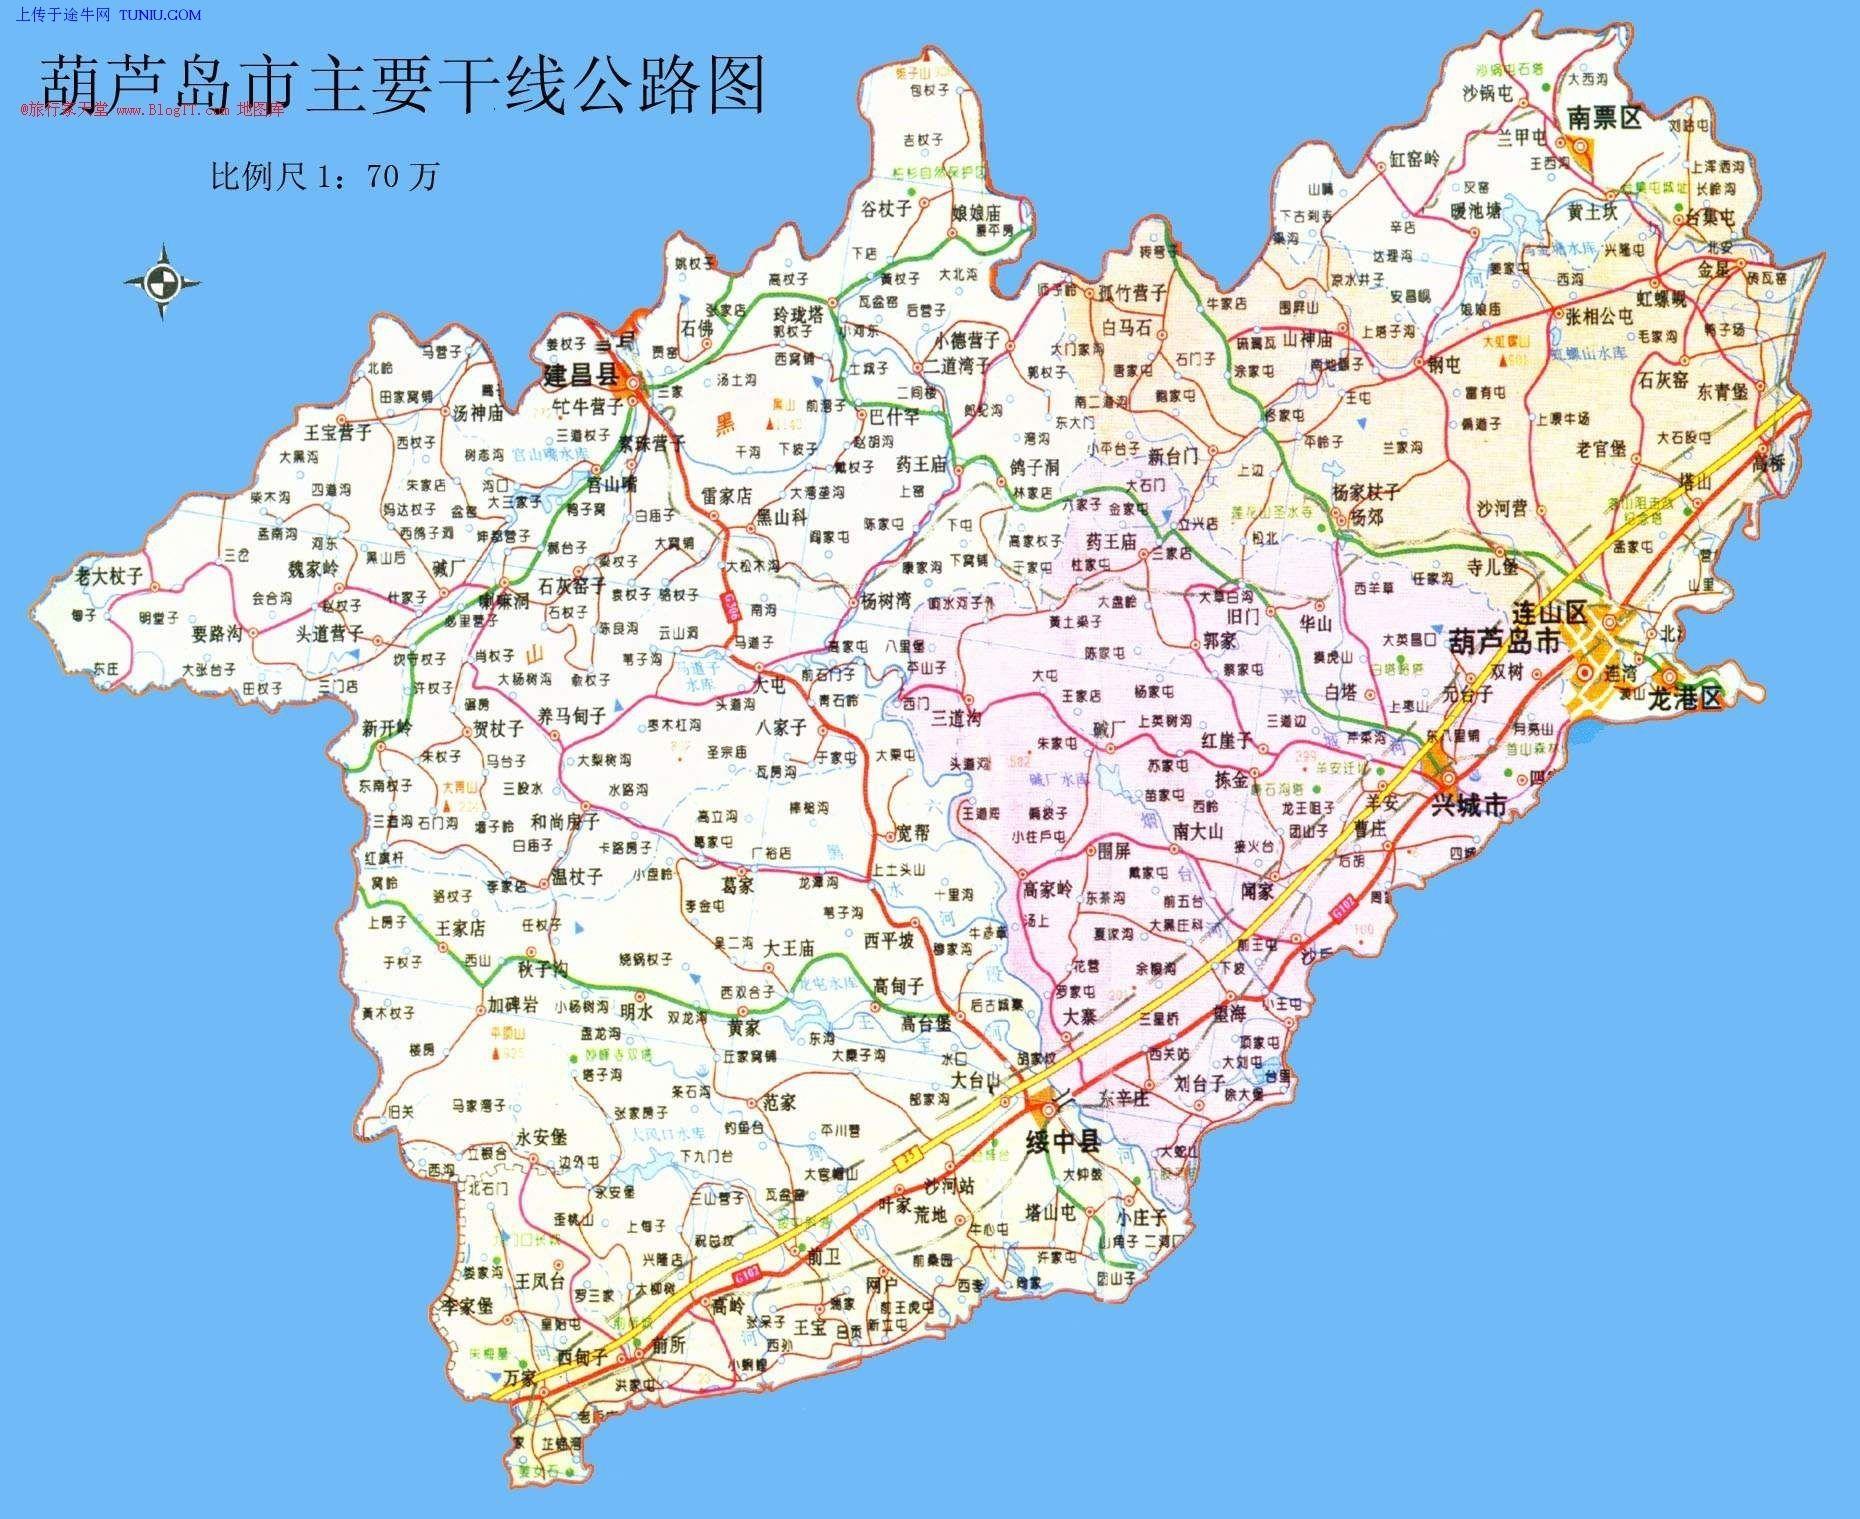 葫芦岛市政府那一块是什么时候从连山区划到龙港区的?